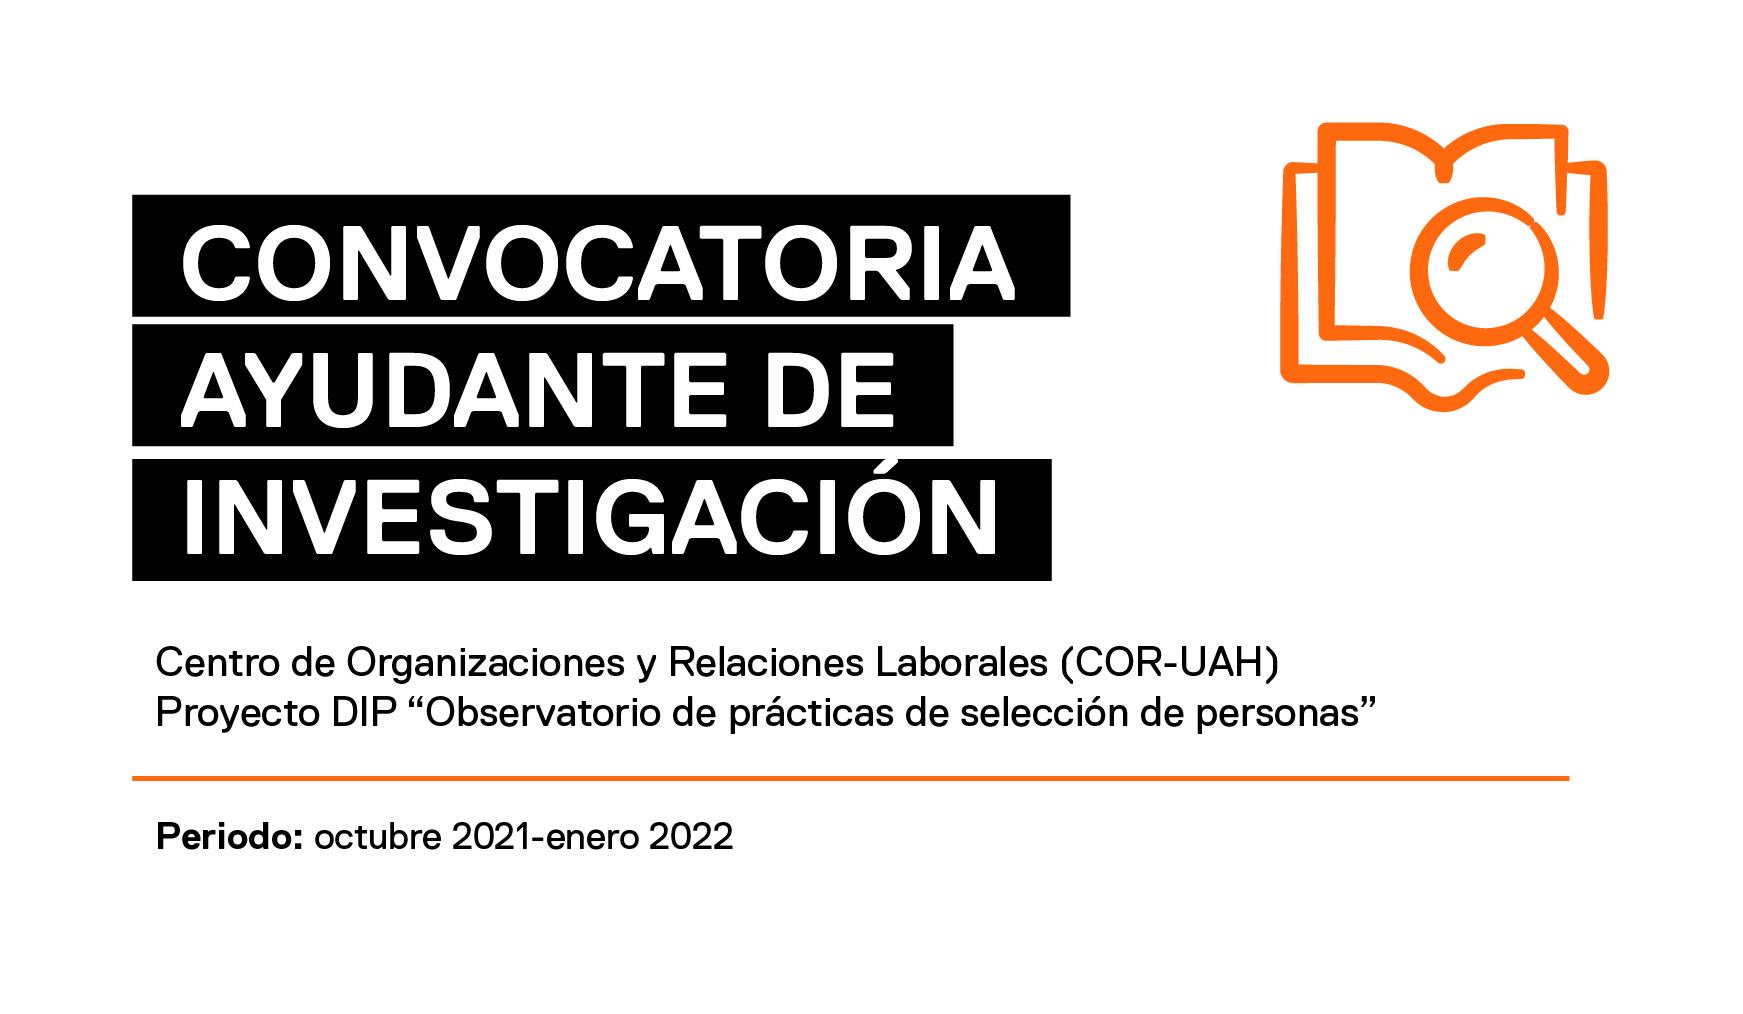 COR-UAH: Convocatoria para el rol de Ayudante de Investigación